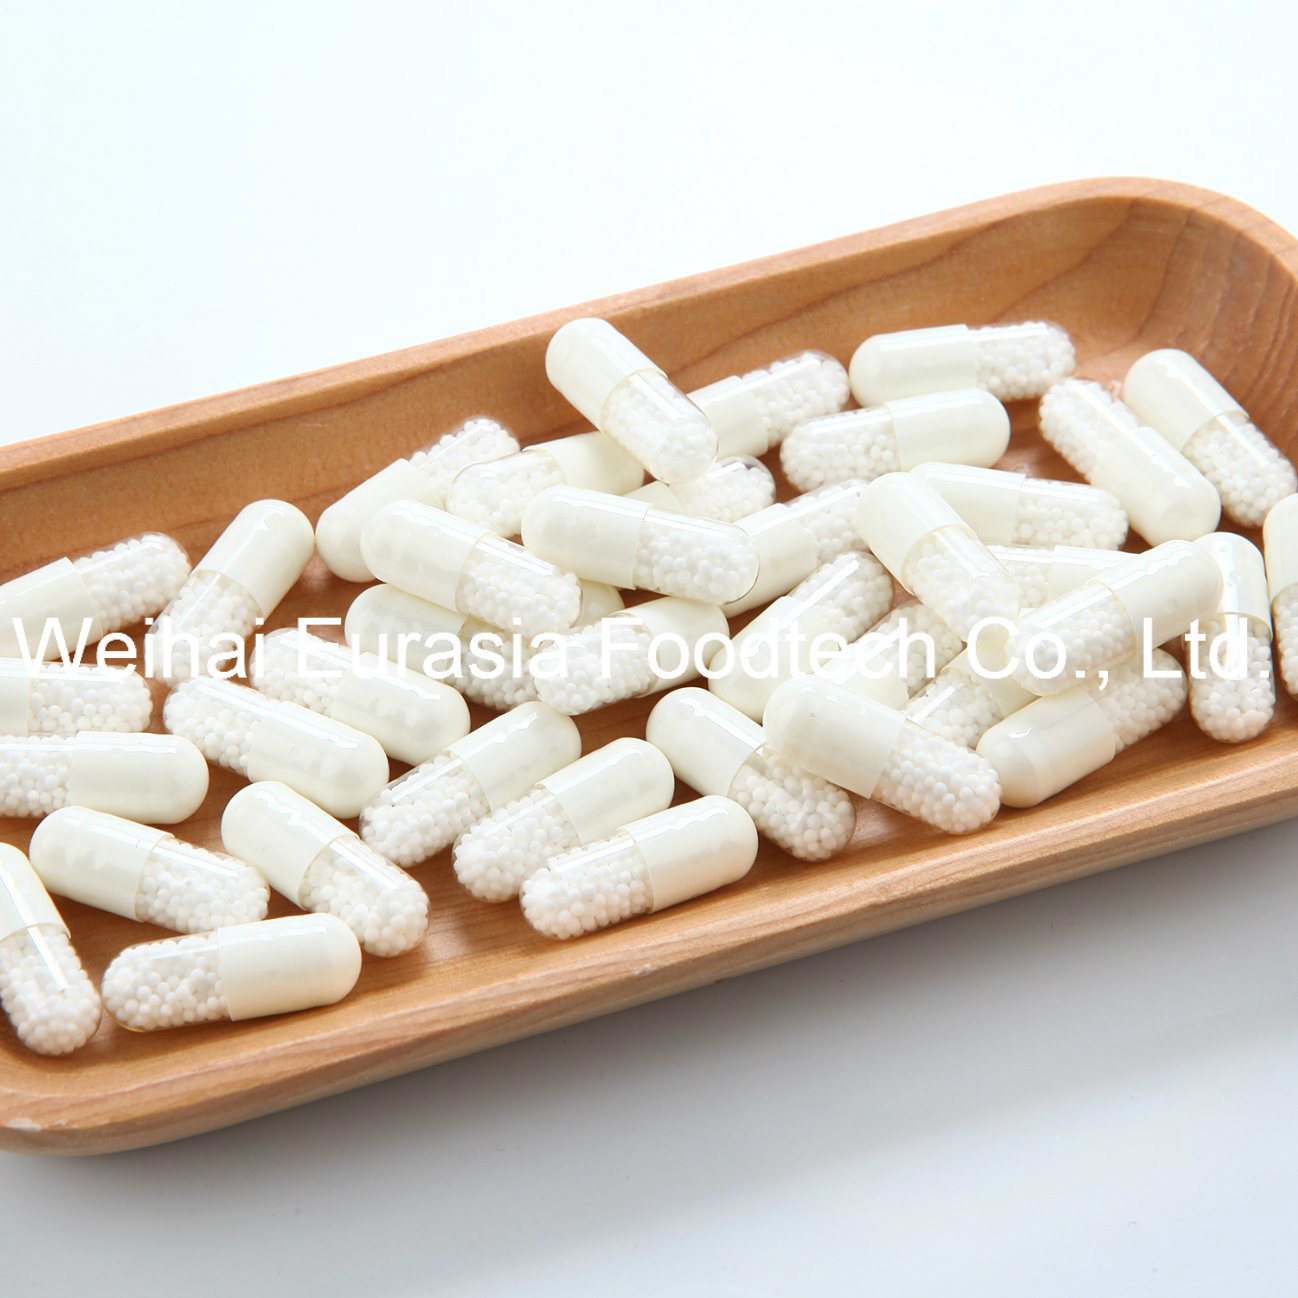 Potassium Citrate Sustained-Release Capsules